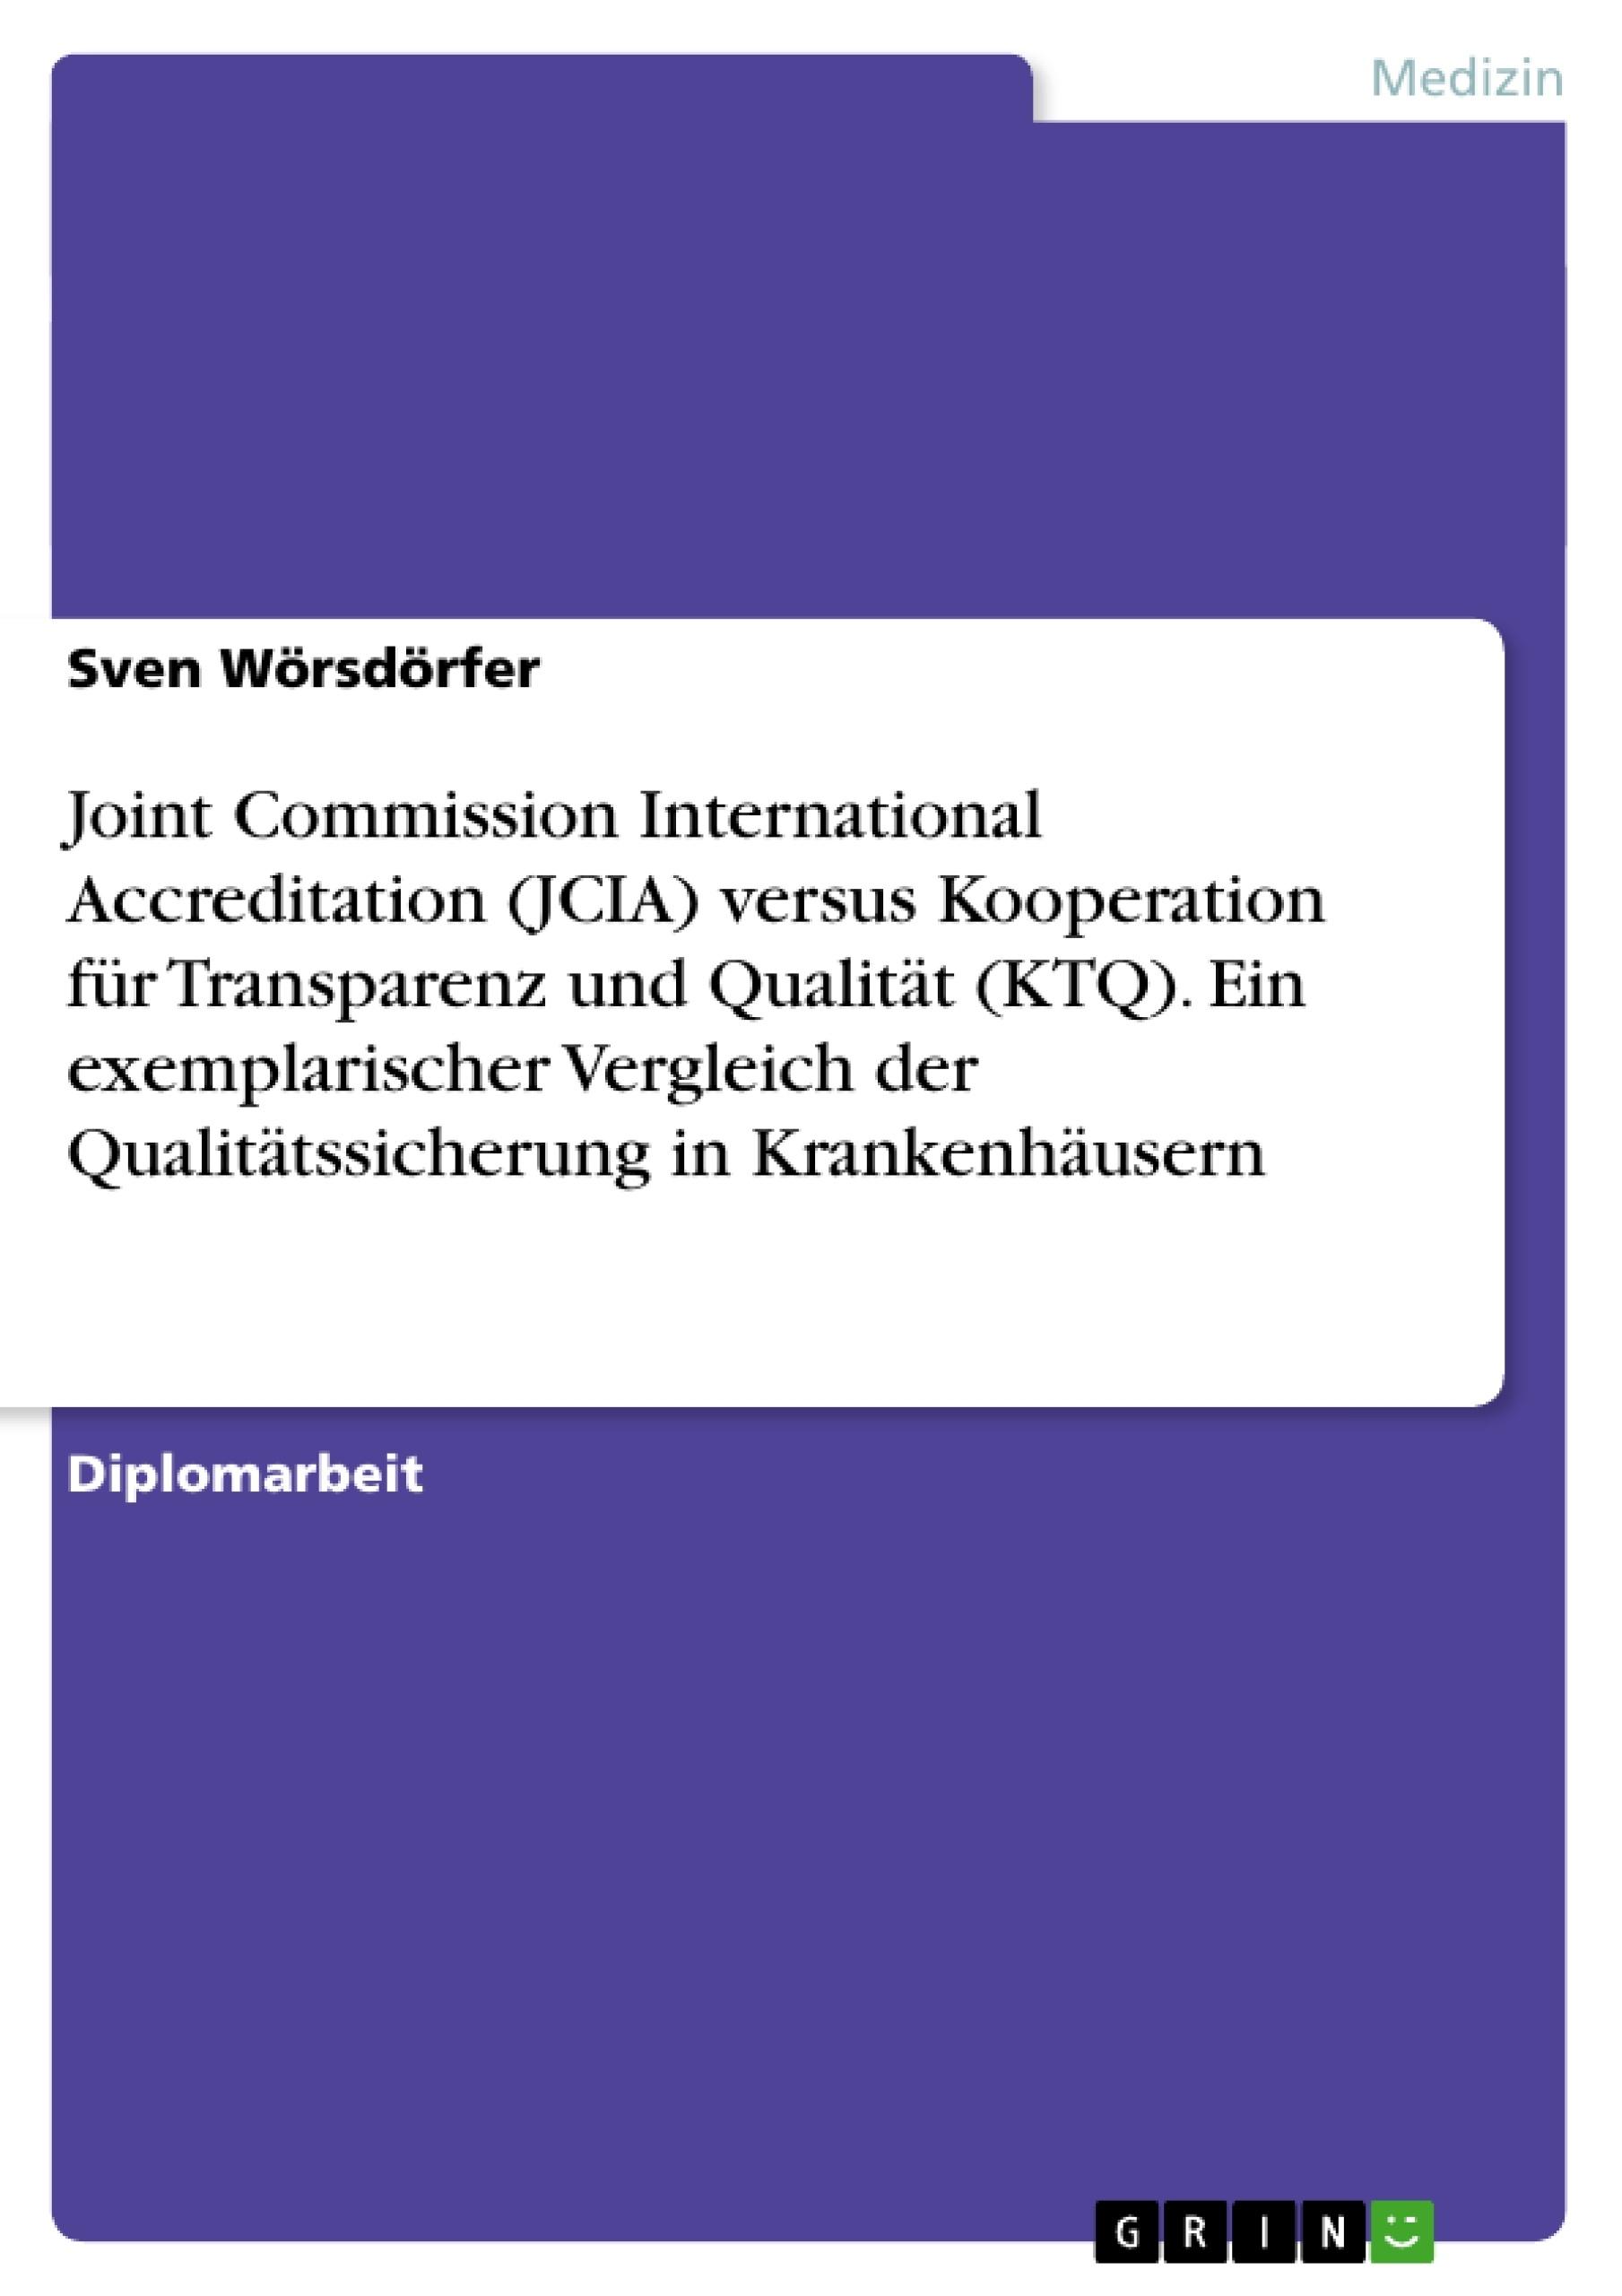 Titel: Joint Commission International Accreditation (JCIA) versus Kooperation für Transparenz und Qualität (KTQ). Ein exemplarischer Vergleich der Qualitätssicherung in Krankenhäusern